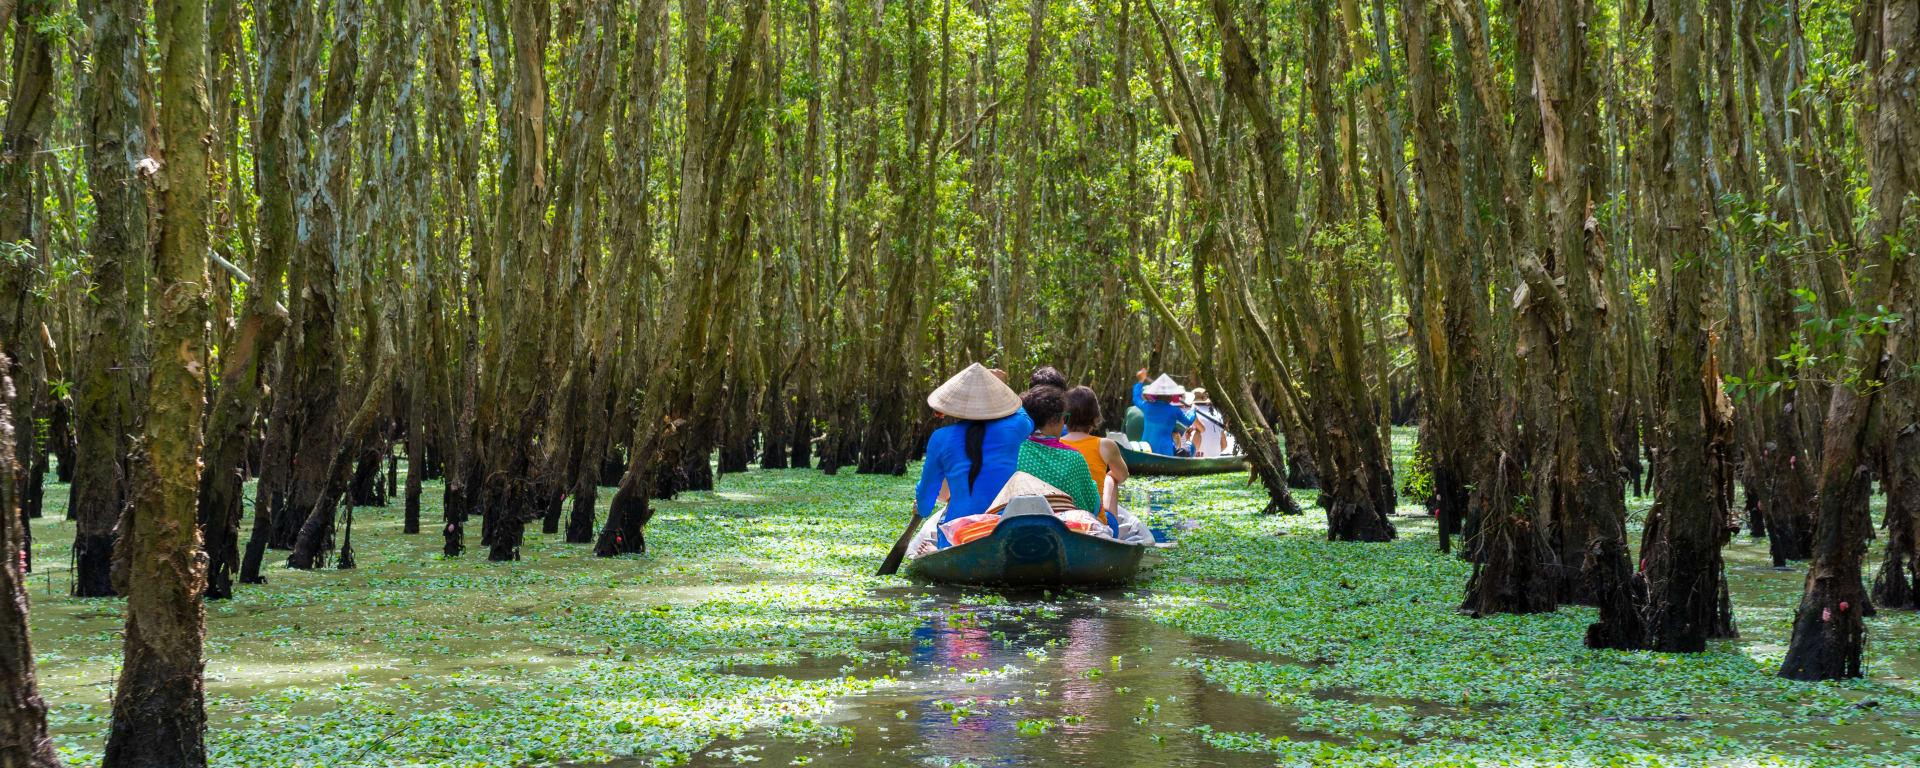 Vietnam entdecken mit Tischler Reisen: Vietnam Mekong Delta Bootstour